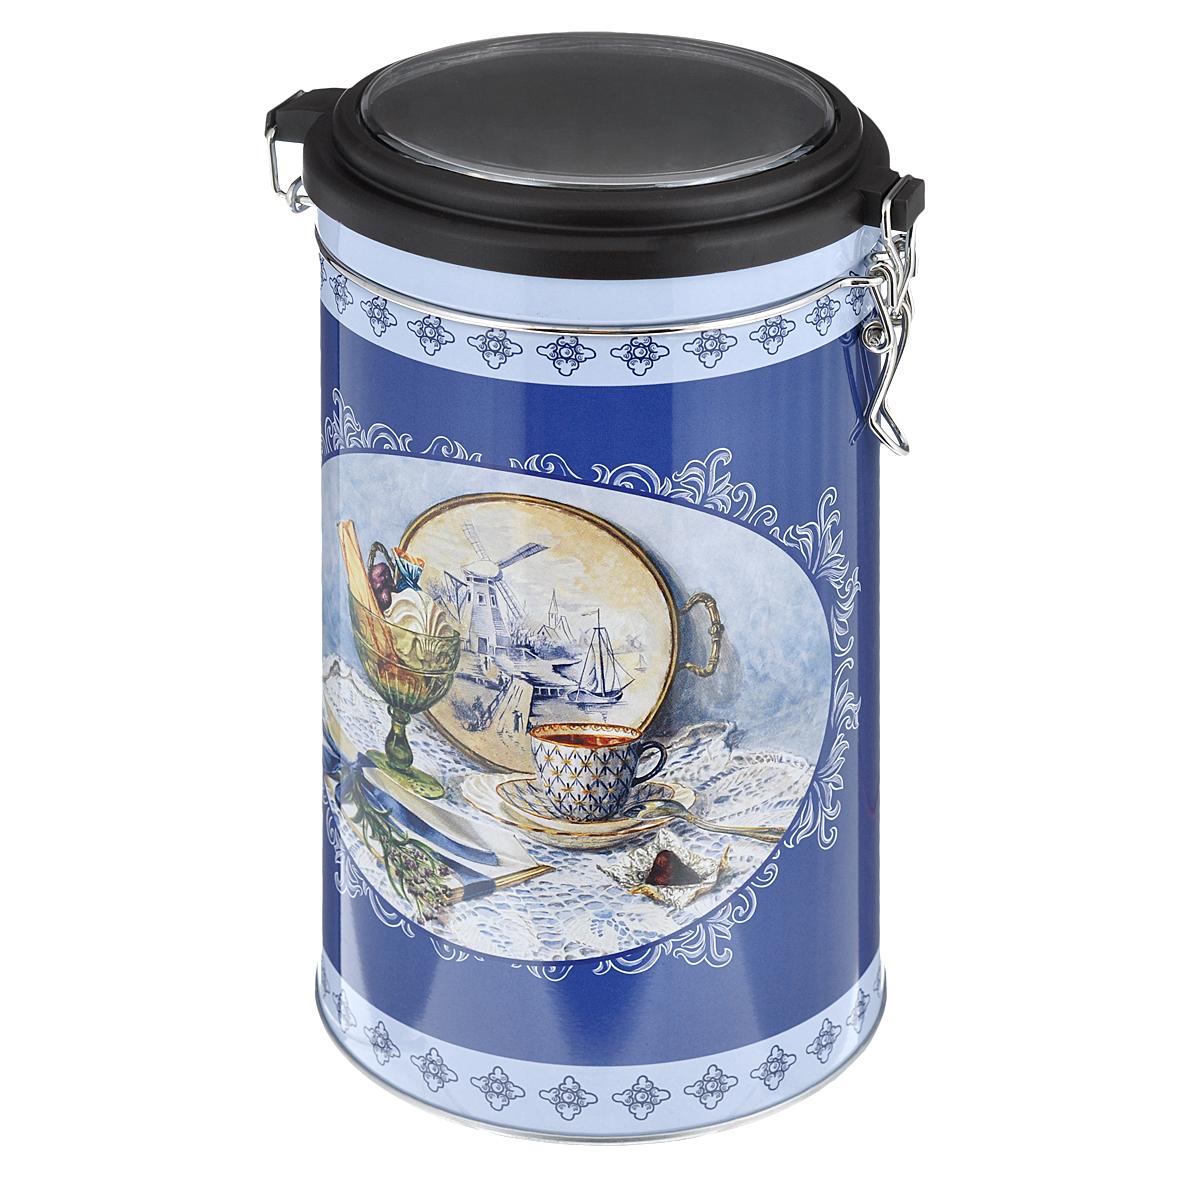 Банка для сыпучих продуктов Феникс-презент Синий натюрморт, 1,8 л37636Банка для сыпучих продуктов Феникс-презент Синий натюрморт, изготовленная изокрашенного черного металла, оформлена ярким рисунком. Банка прекрасноподойдет для хранения различных сыпучих продуктов: специй, чая, кофе, сахара,круп и многого другого. Емкость плотно закрывается прозрачной пластиковой крышкой на металлический замок. Благодаря этому она будет дольше сохранять свежесть ваших продуктов. Функциональная и вместительная, такая банка станет незаменимым аксессуаромна любой кухне.Нельзя мыть в посудомоечной машине. Объем банки: 1,8 л. Высота банки (без учета крышки): 17,4 см.Диаметр банки (по верхнему краю): 10,5 см.